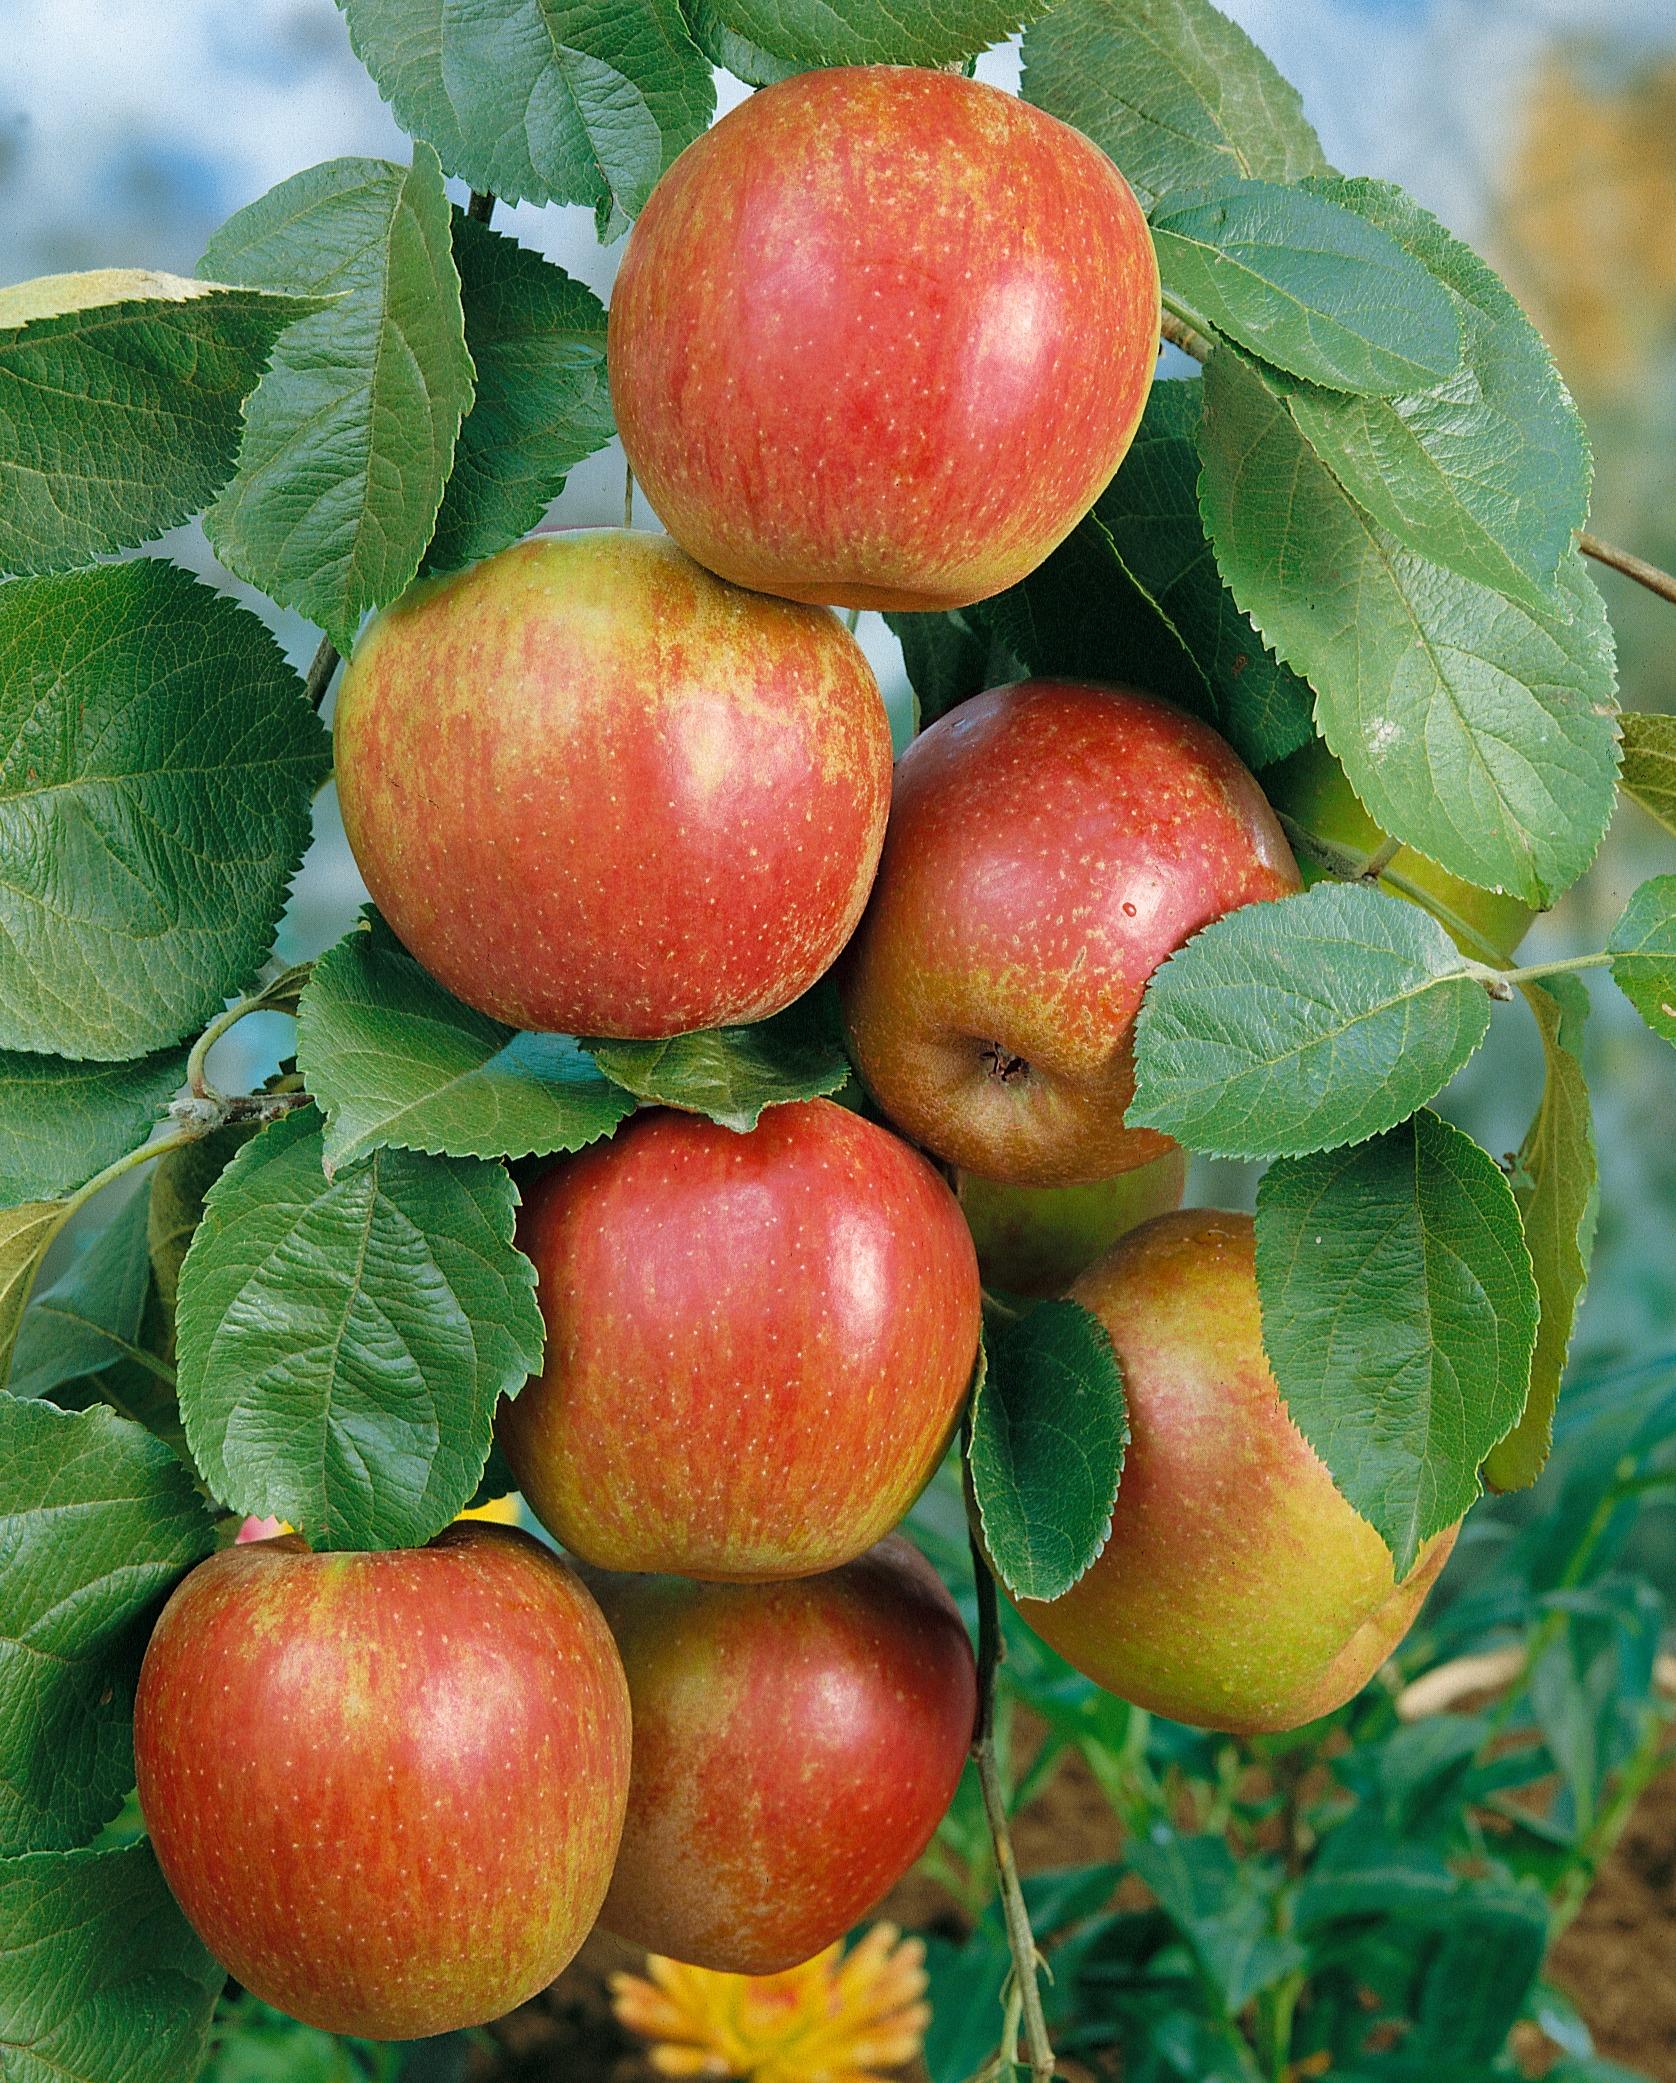 BCM Obstpflanze Roter Boskoop Apfel, 100 cm Lieferhöhe rot Obst Pflanzen Garten Balkon